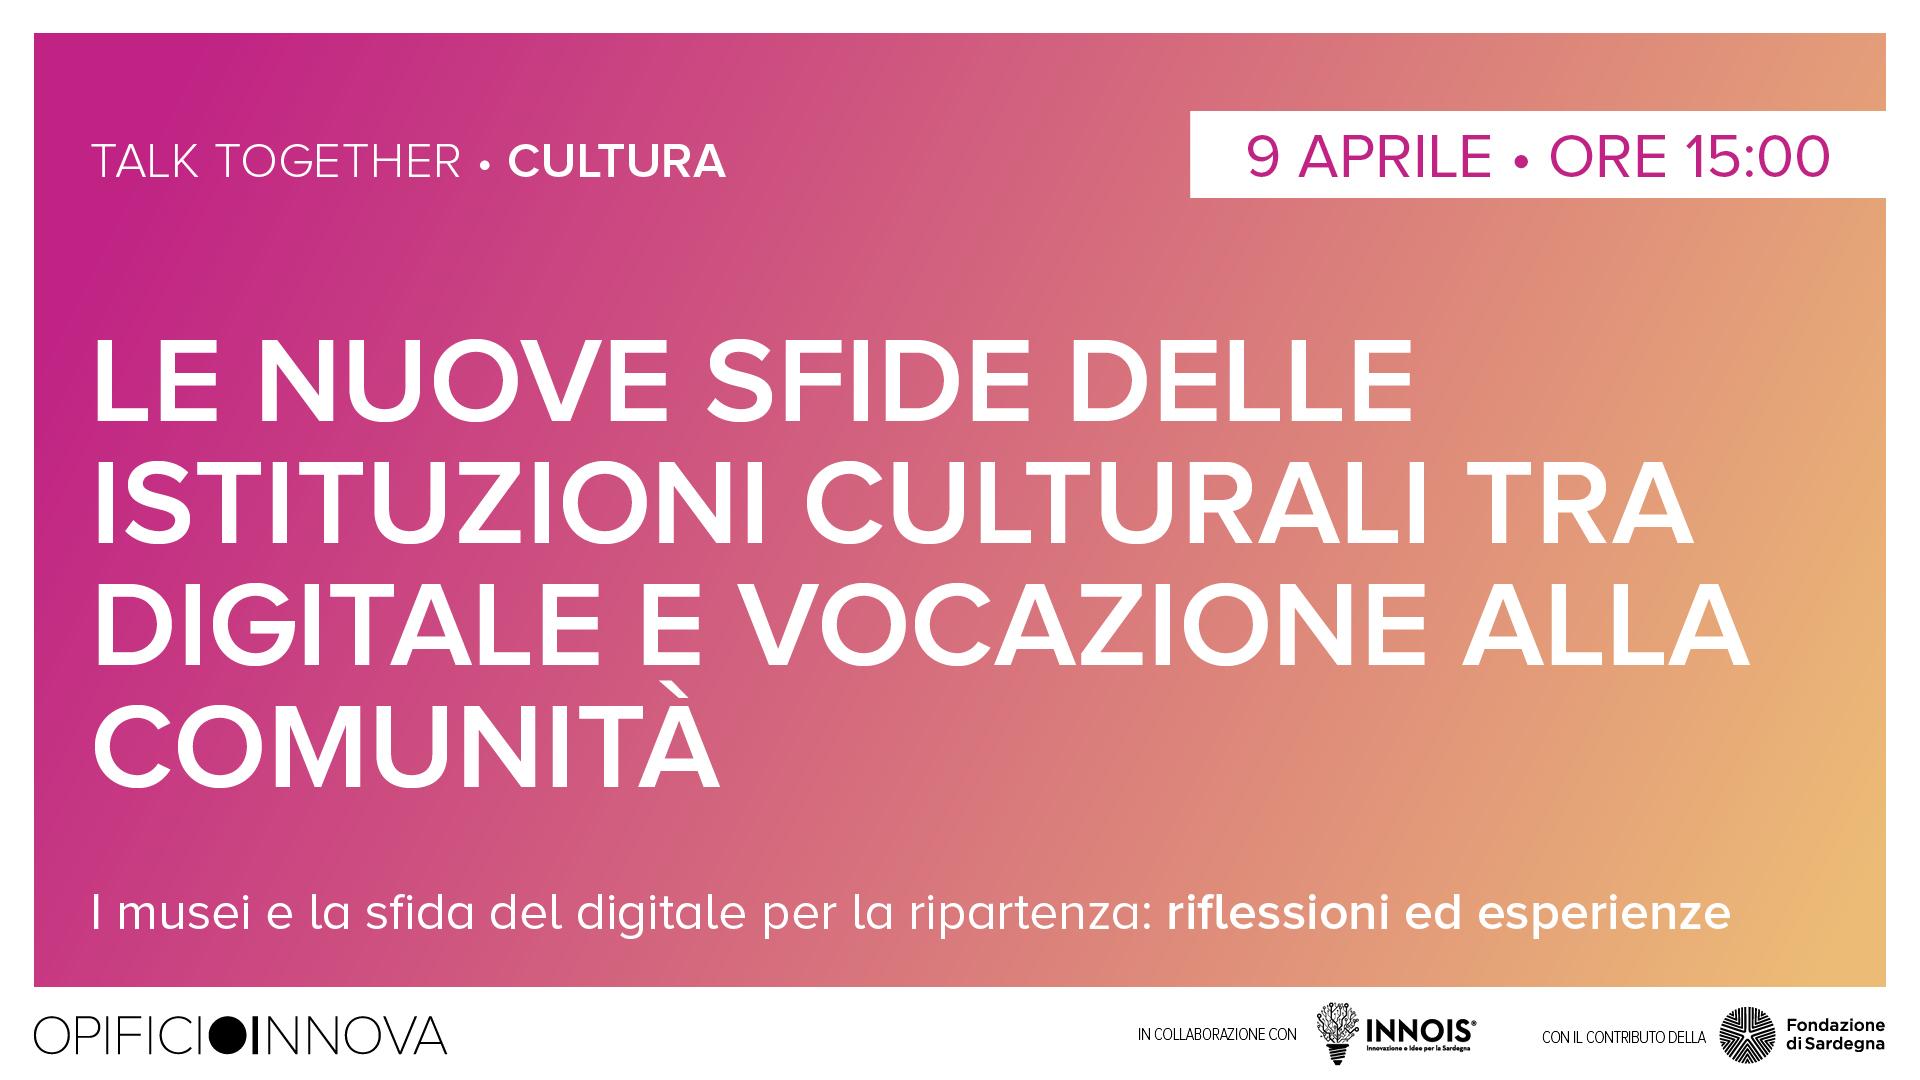 Le nuove sfide delle istituzioni culturali tra digitale e vocazione alla comunità </br>09-04-2021 ore 15:00